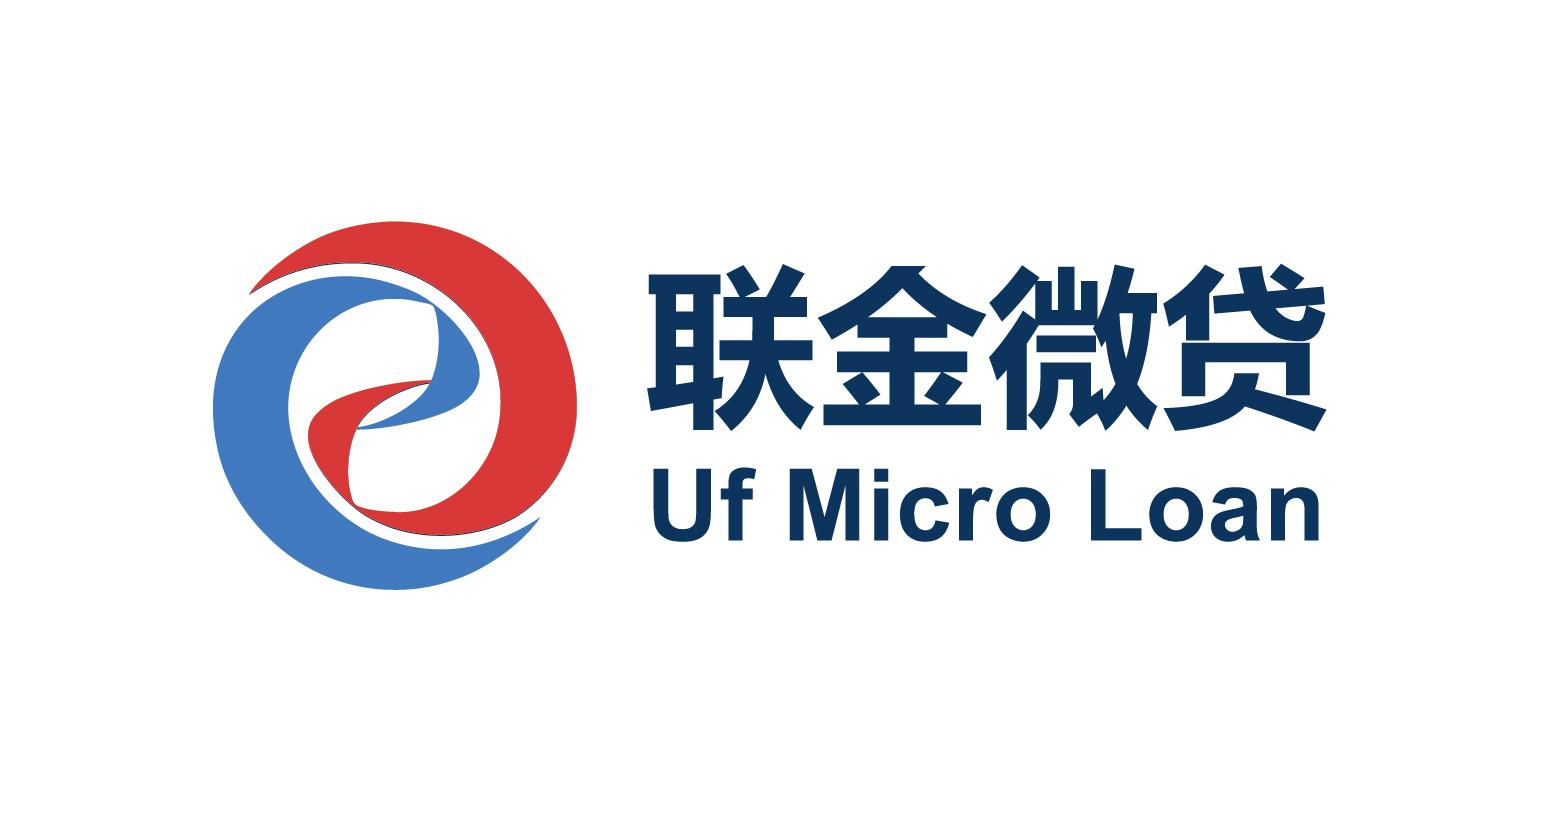 深圳联合金融小额贷款股份有限公司